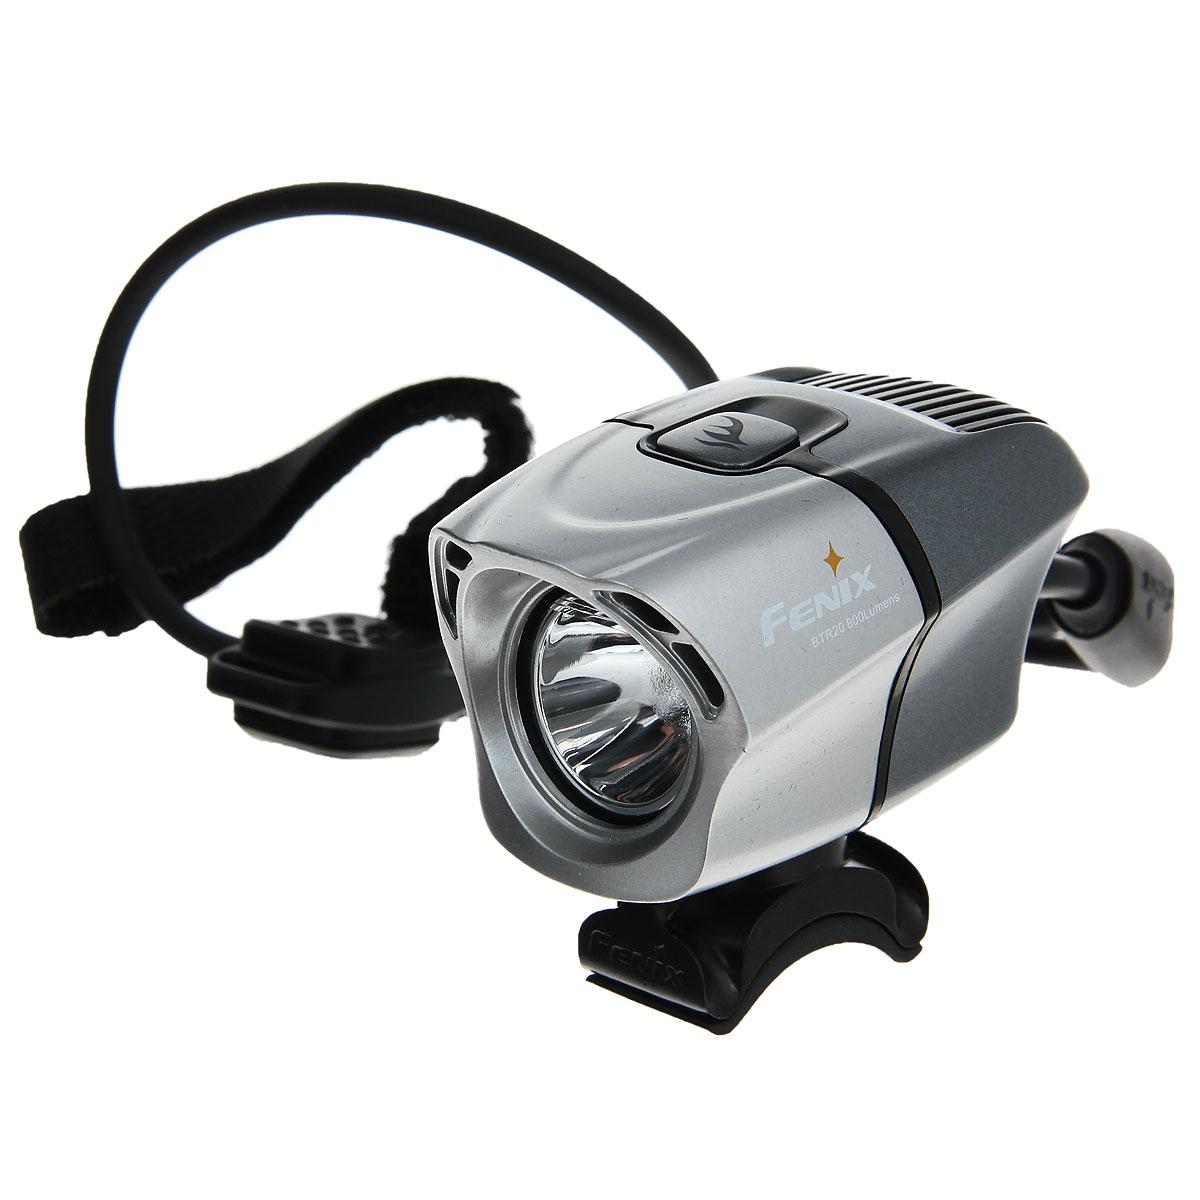 Фонарь велосипедный Fenix BTR20, светодиодныйBTR20Профессиональная велофара Fenix BTR20 Cree XM-L. Особенностью Fenix BTR20 Cree XM-L является дистанционное управление и аккумуляторный отсек.В фонаре установлен нейтральный белый светодиод Cree XM-L (T6), максимальная яркость достигает 800 люмен по стандарту ANSI (на выходе из оптической системы). Моментальный доступ к Турбо режиму осуществляется нажатием на дистанционную кнопку, остальные 3 режима яркости и сигнальный режим управляются кнопкой на фаре.Fenix BTR20 обладает системой ближнего и дальнего освещения, которая создает обширную зону видимости, безопасную и комфортную для любого велосипедиста, и не слепит встречных прохожих и водителей транспортных средств.Продуманный аэродинамический дизайн имеет низкую сопротивляемость ветру, фара хорошо охлаждается во время движения. 2 опции батарейного отсека - на 2 и 4 аккумулятора 18650 Li-ion позволяют пользователю выбрать питание с учетом дальности поездки. Удобство использования дополняется быстросъемными устойчивым резиновым креплениями на руль, совместимыми с различными диаметрами руля (20 - 35 мм), и возможностью закрепить фонарь на шлем.